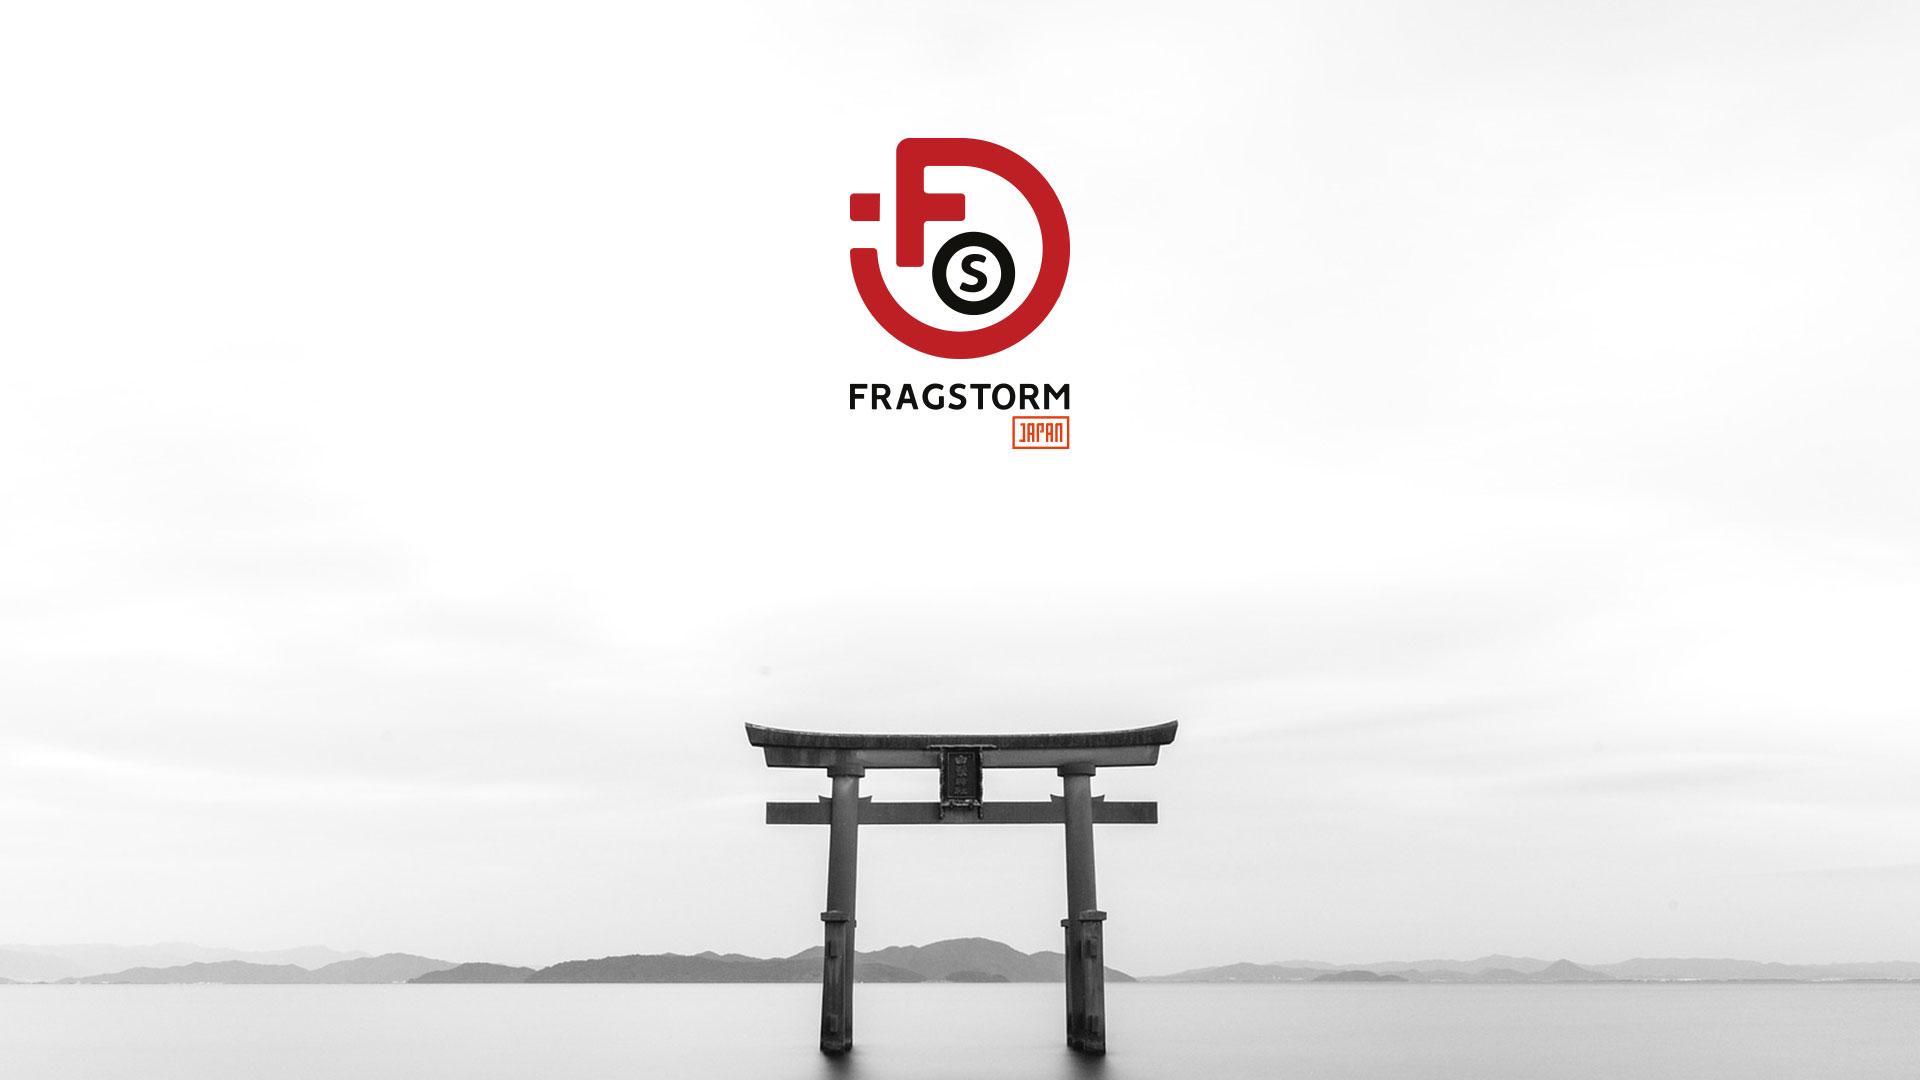 Fond d'écran Fragstorm Japon